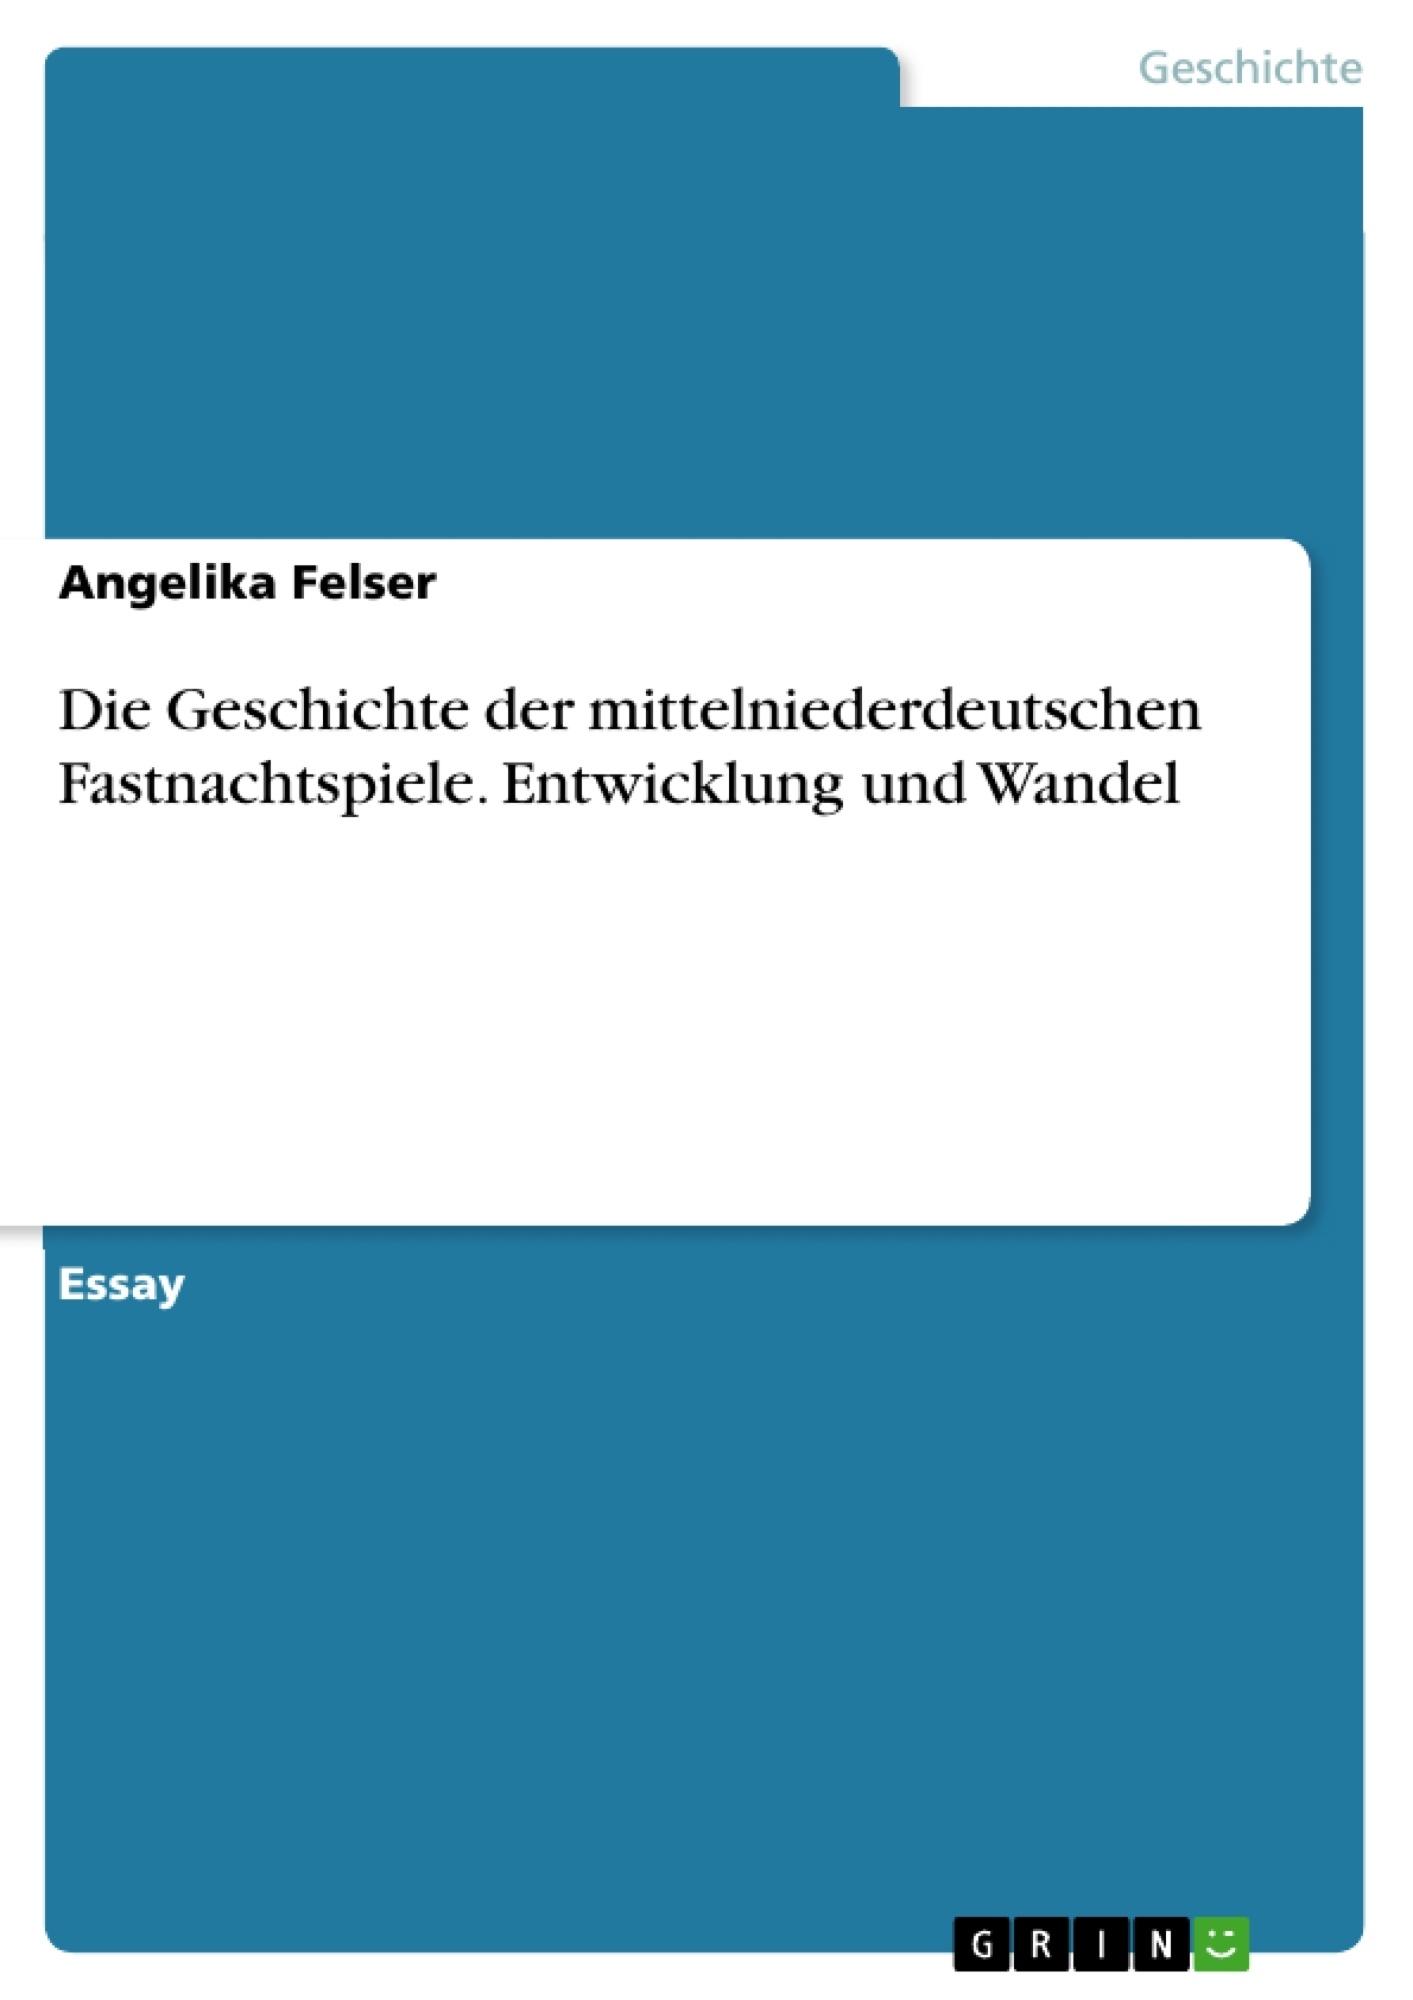 Titel: Die Geschichte der mittelniederdeutschen Fastnachtspiele. Entwicklung und Wandel